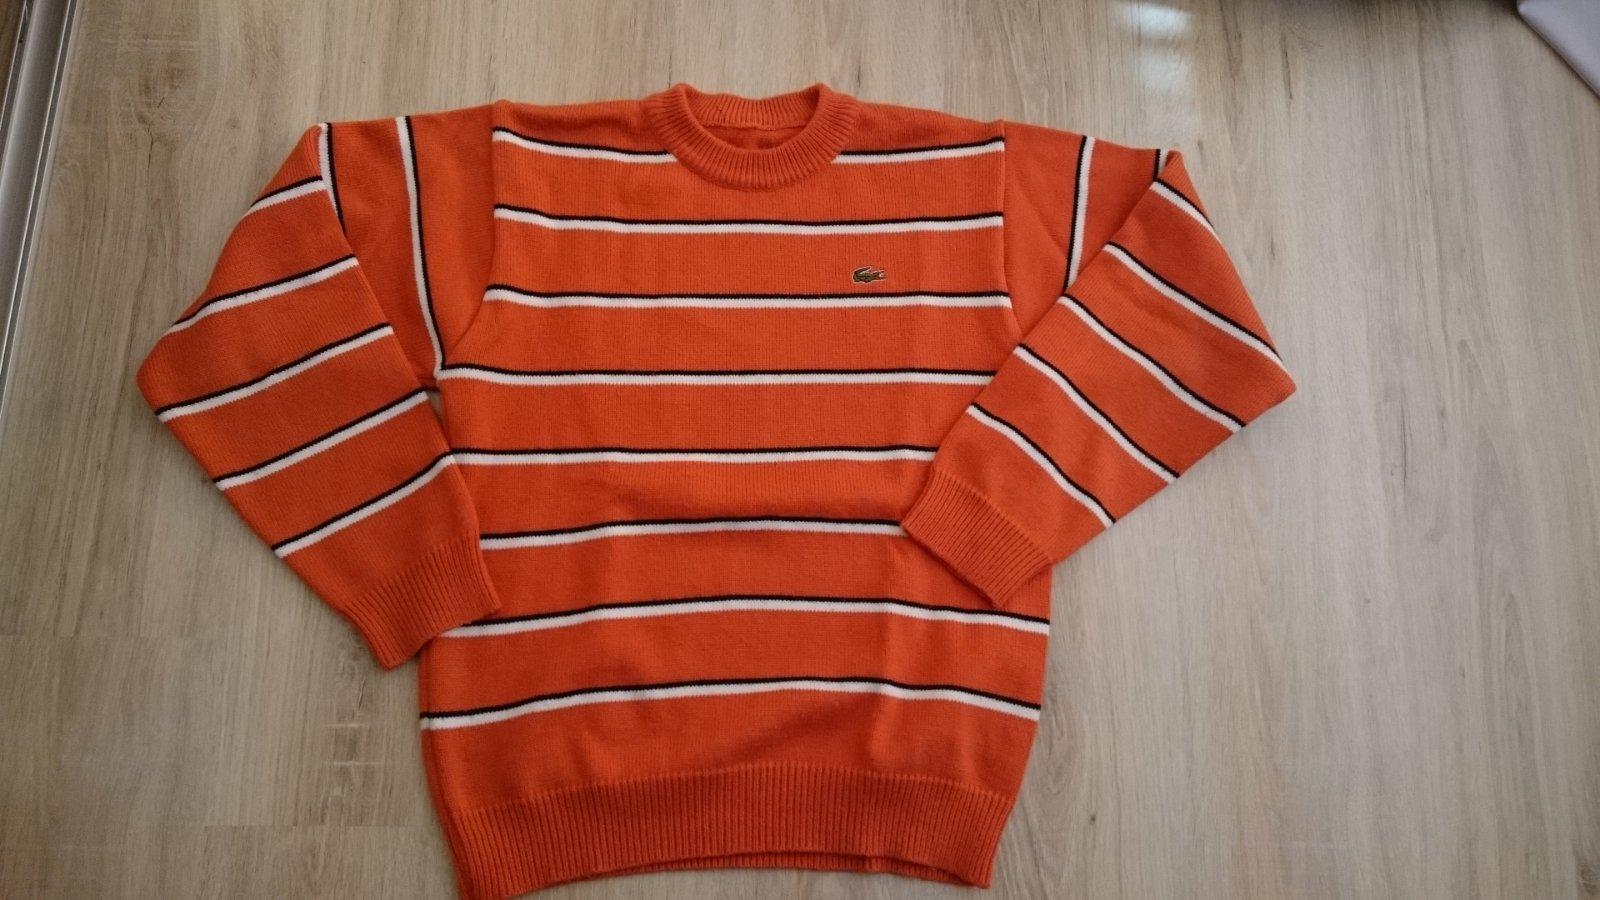 66bd4e1cffc2e Pánsky sveter, lacoste,xl - 10 € od predávajúcej traxo | Detský bazár |  ModryKonik.sk